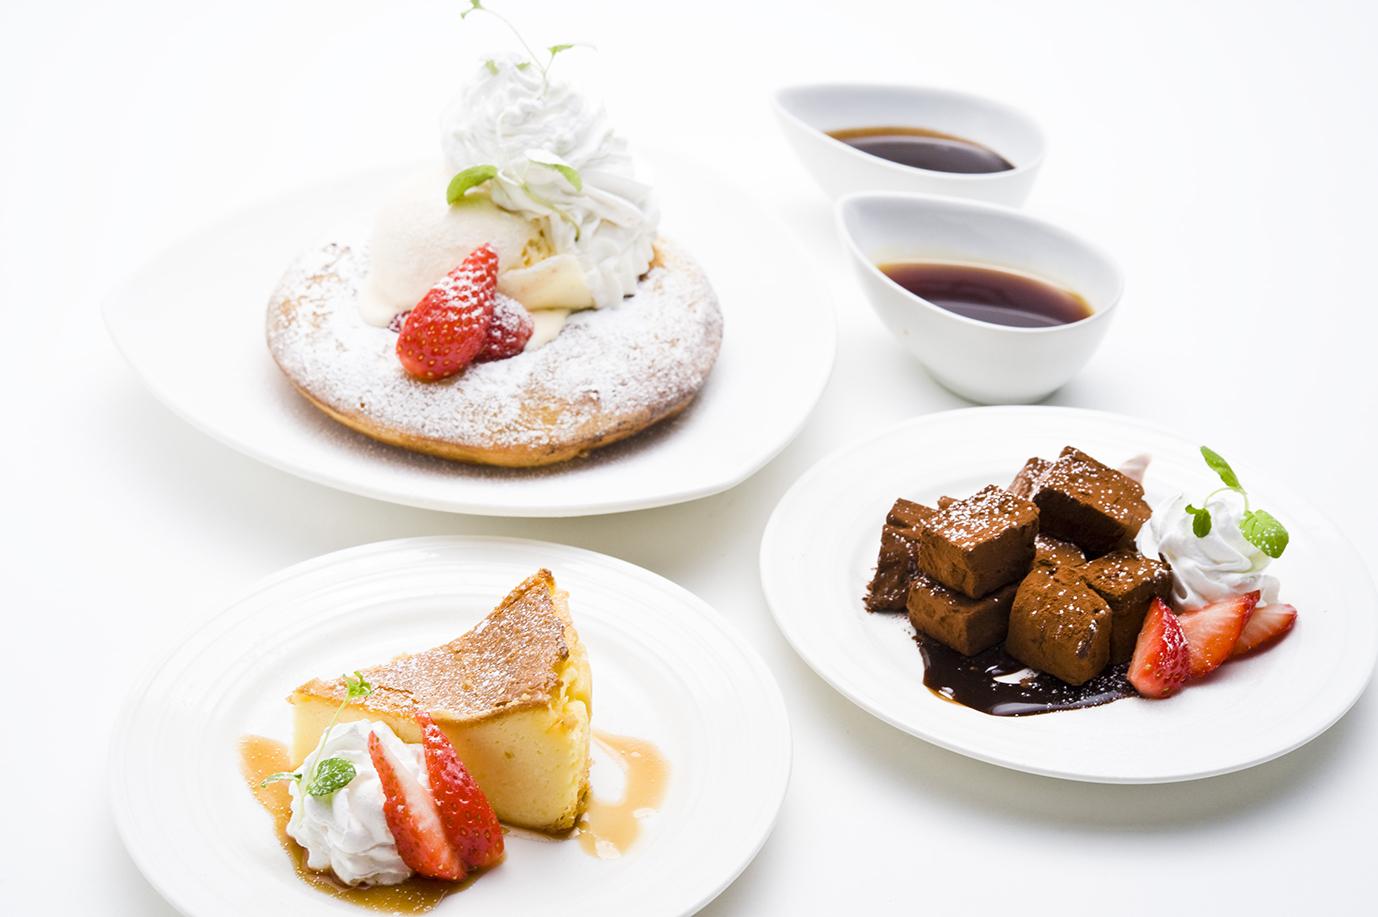 ふわふわパンケーキ Thick Fluffy Pancake / ベイクドレモンケーキ Baked Lemon Cheese Cake / 生チョコレート Ganache